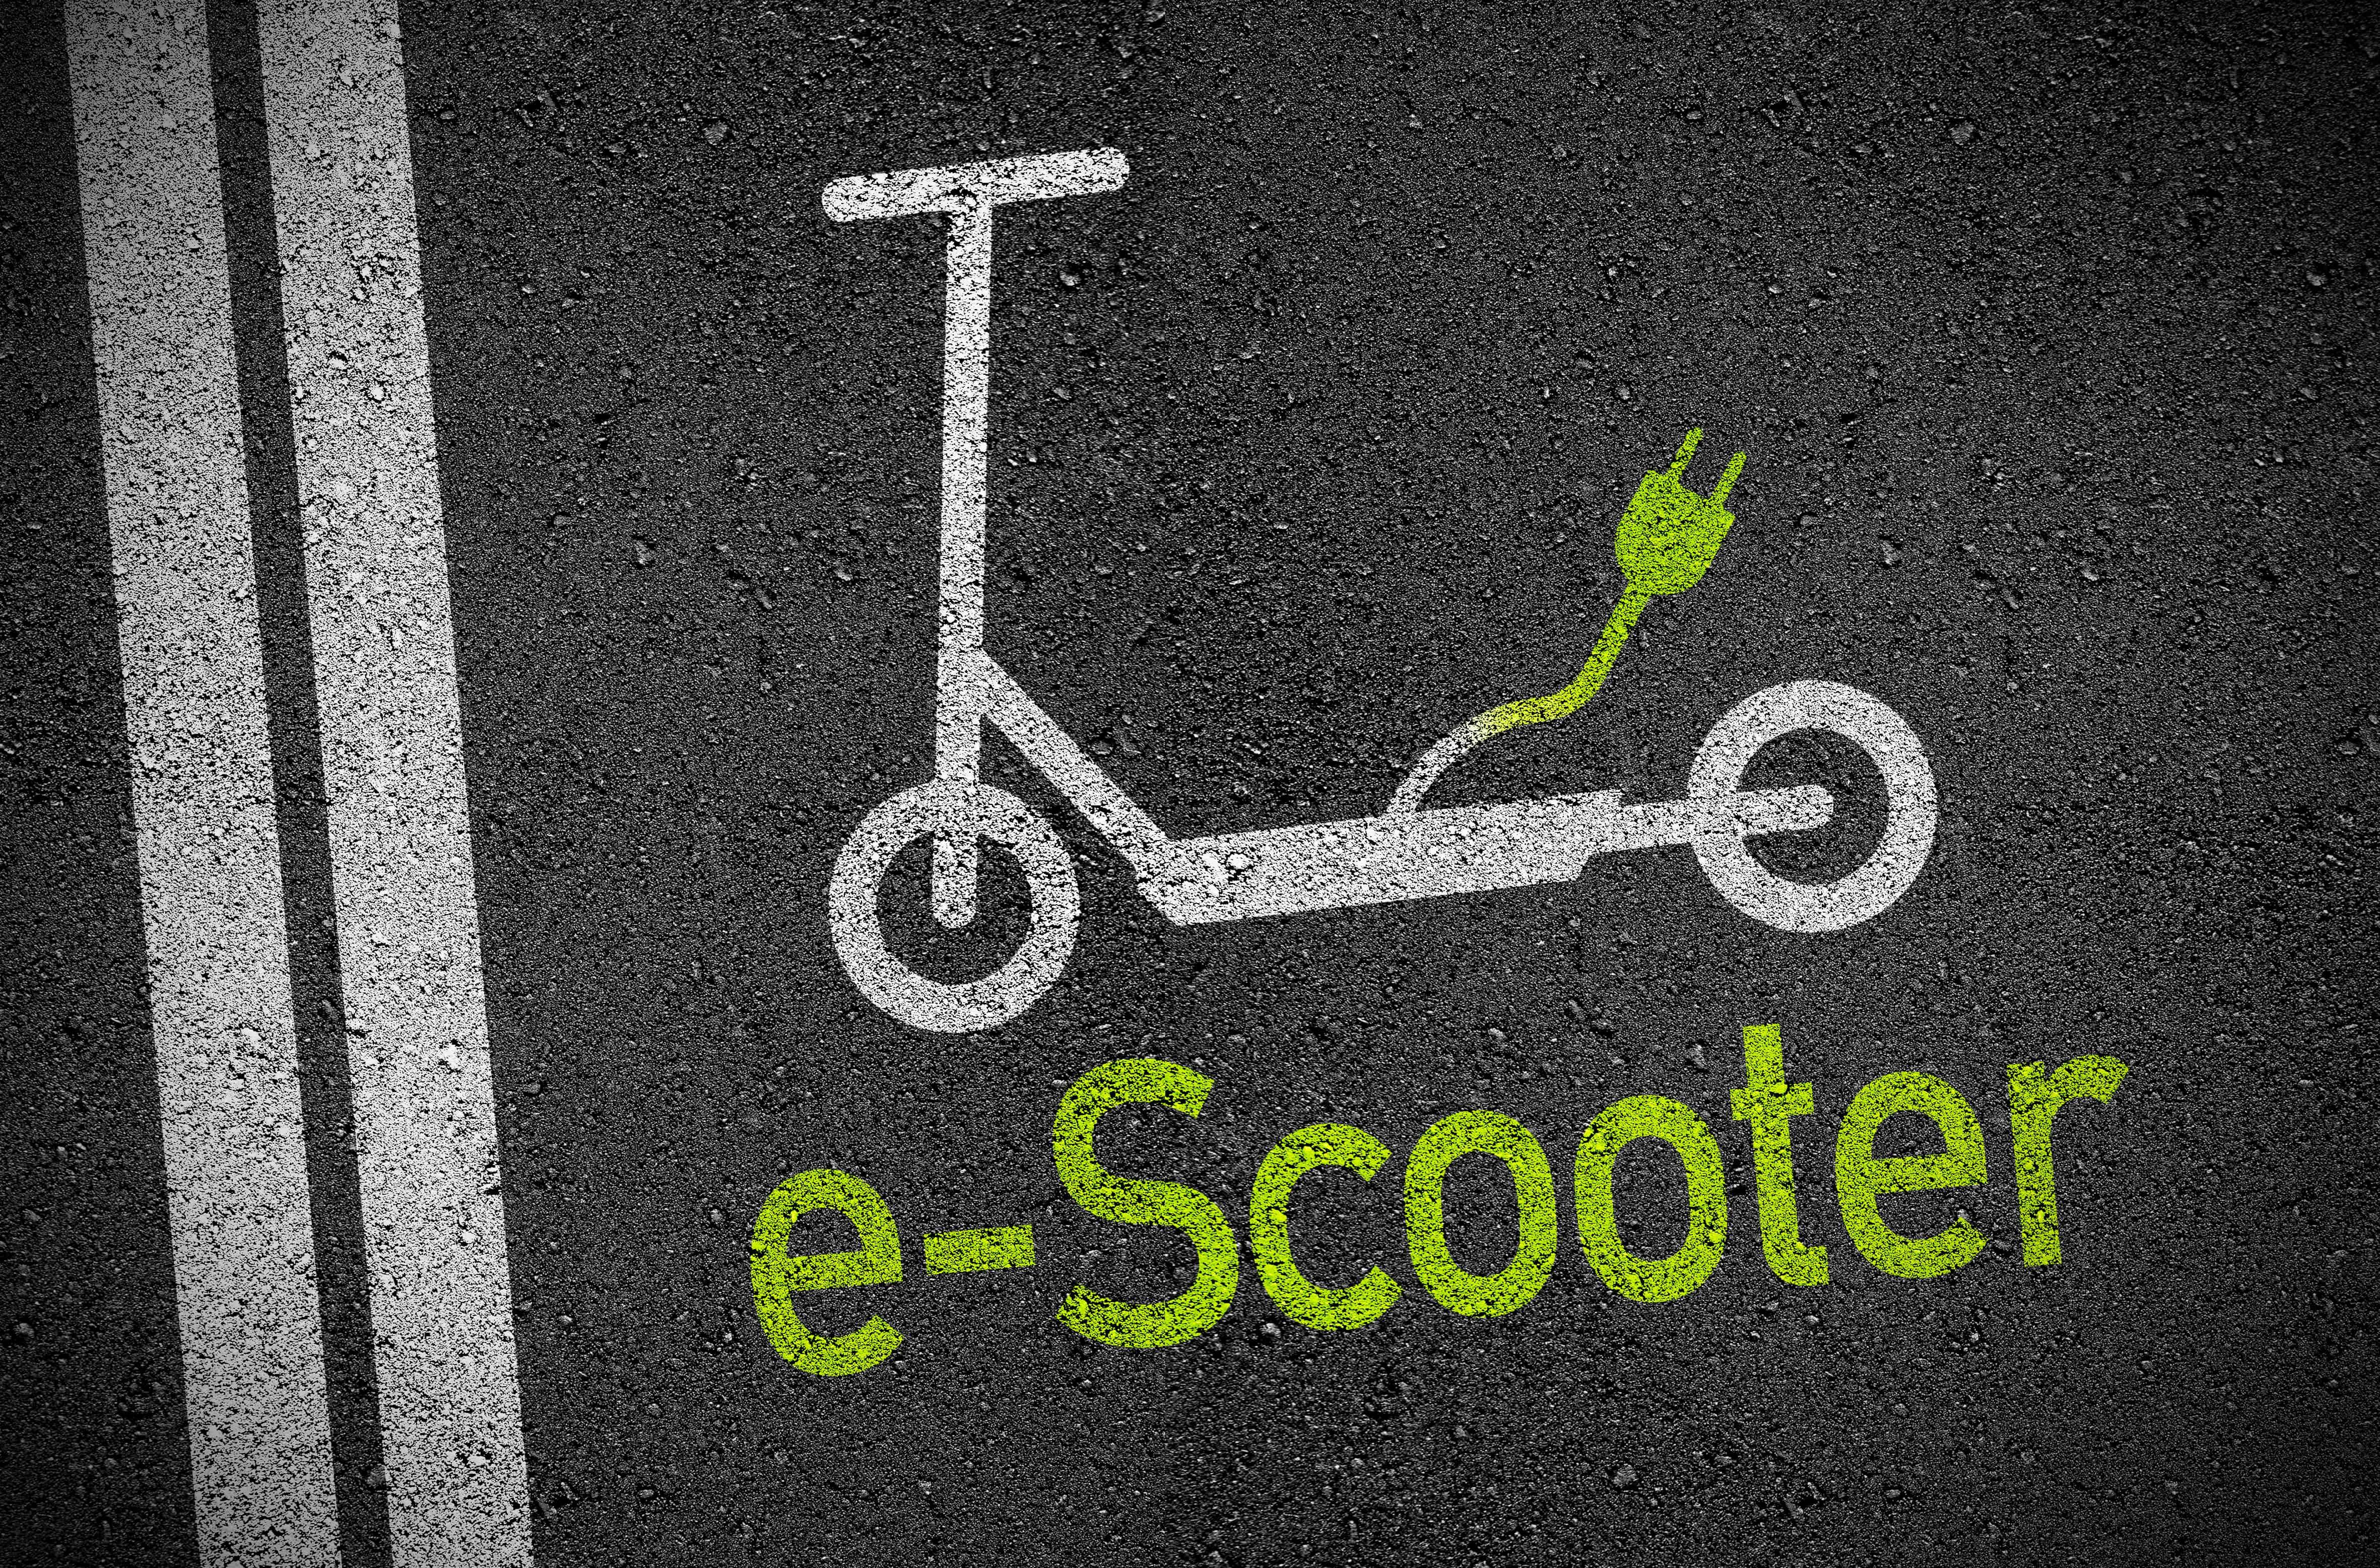 Versicherungspflicht für E-Scooter